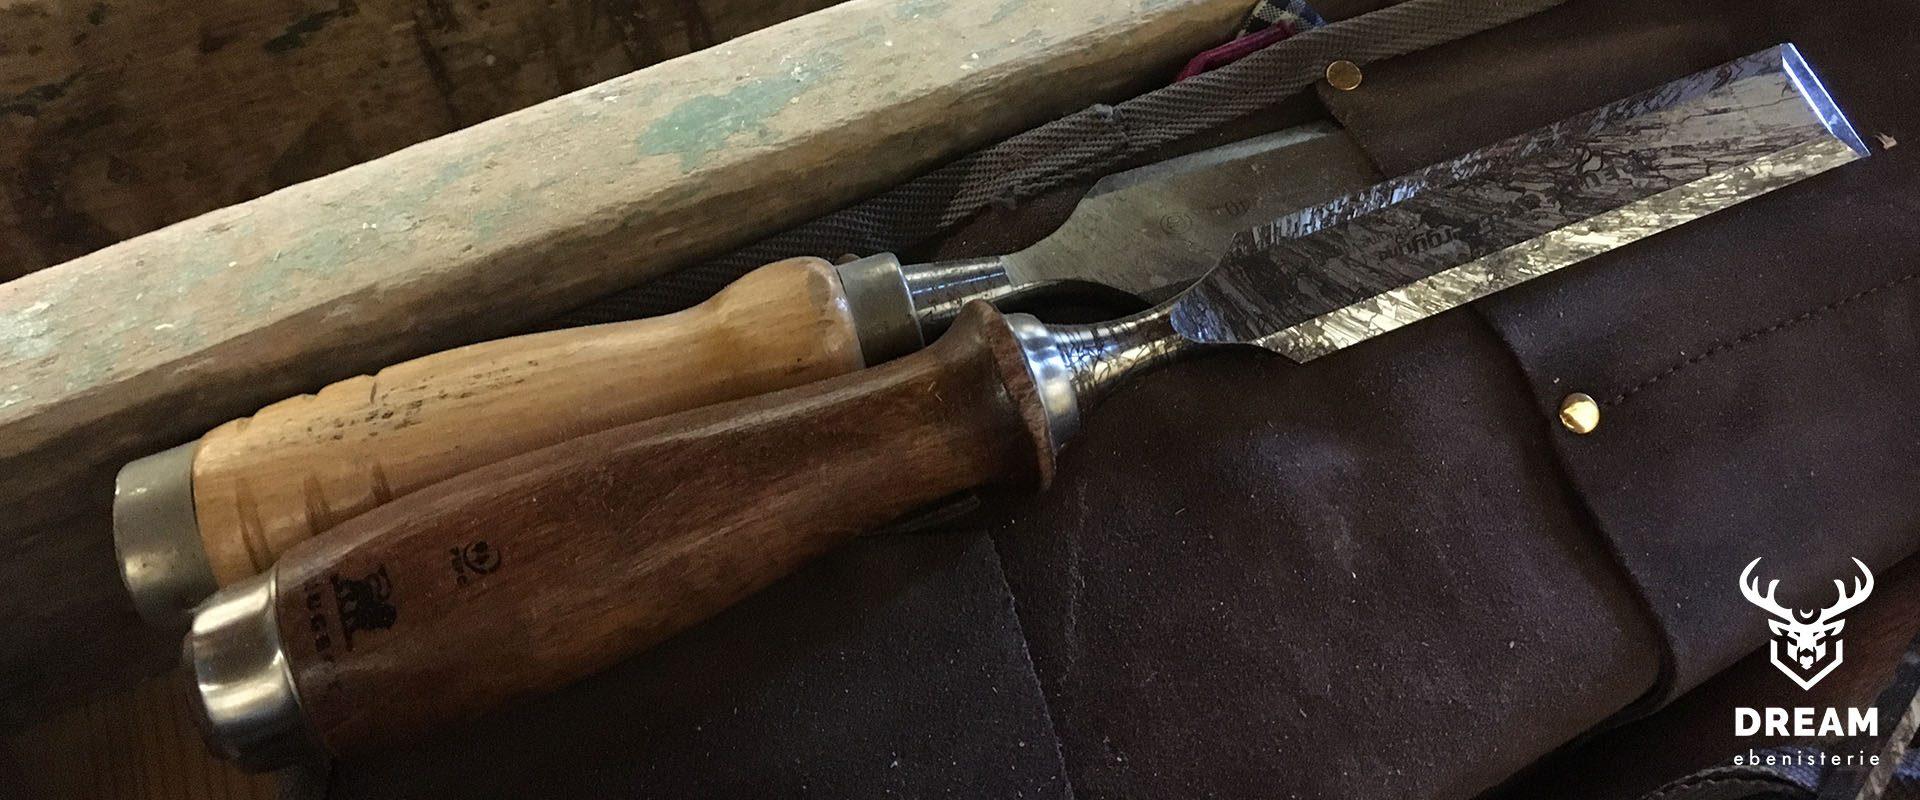 bois-ciseaux-atelier